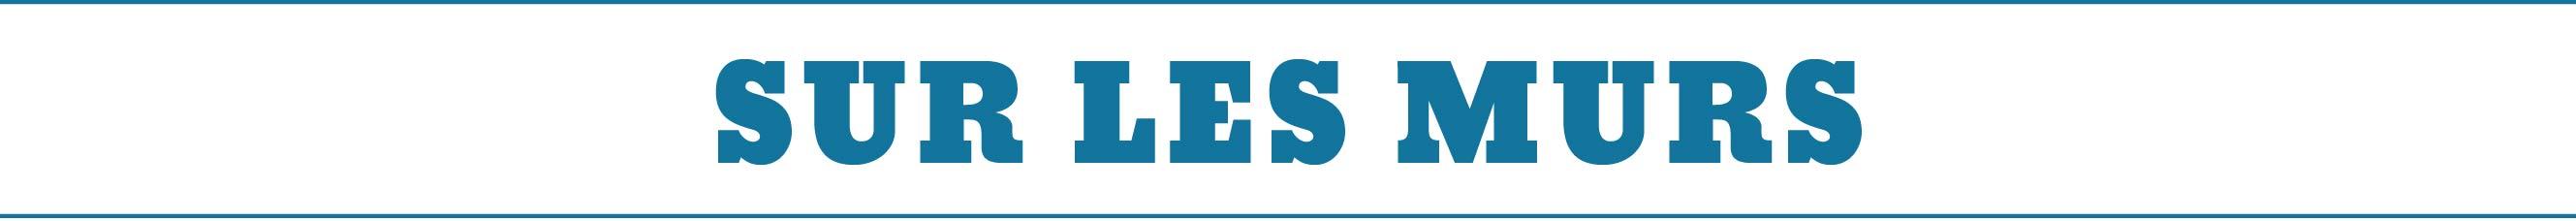 Ernest Pignon-Ernest, uvres en contexte, oeuvres in situ, street art, collages, affiches, mur, artiste engagé, boîte dartiste, De traits en empreintes, Gallimard, Caravage, Sfar, Wolinski, Tardi